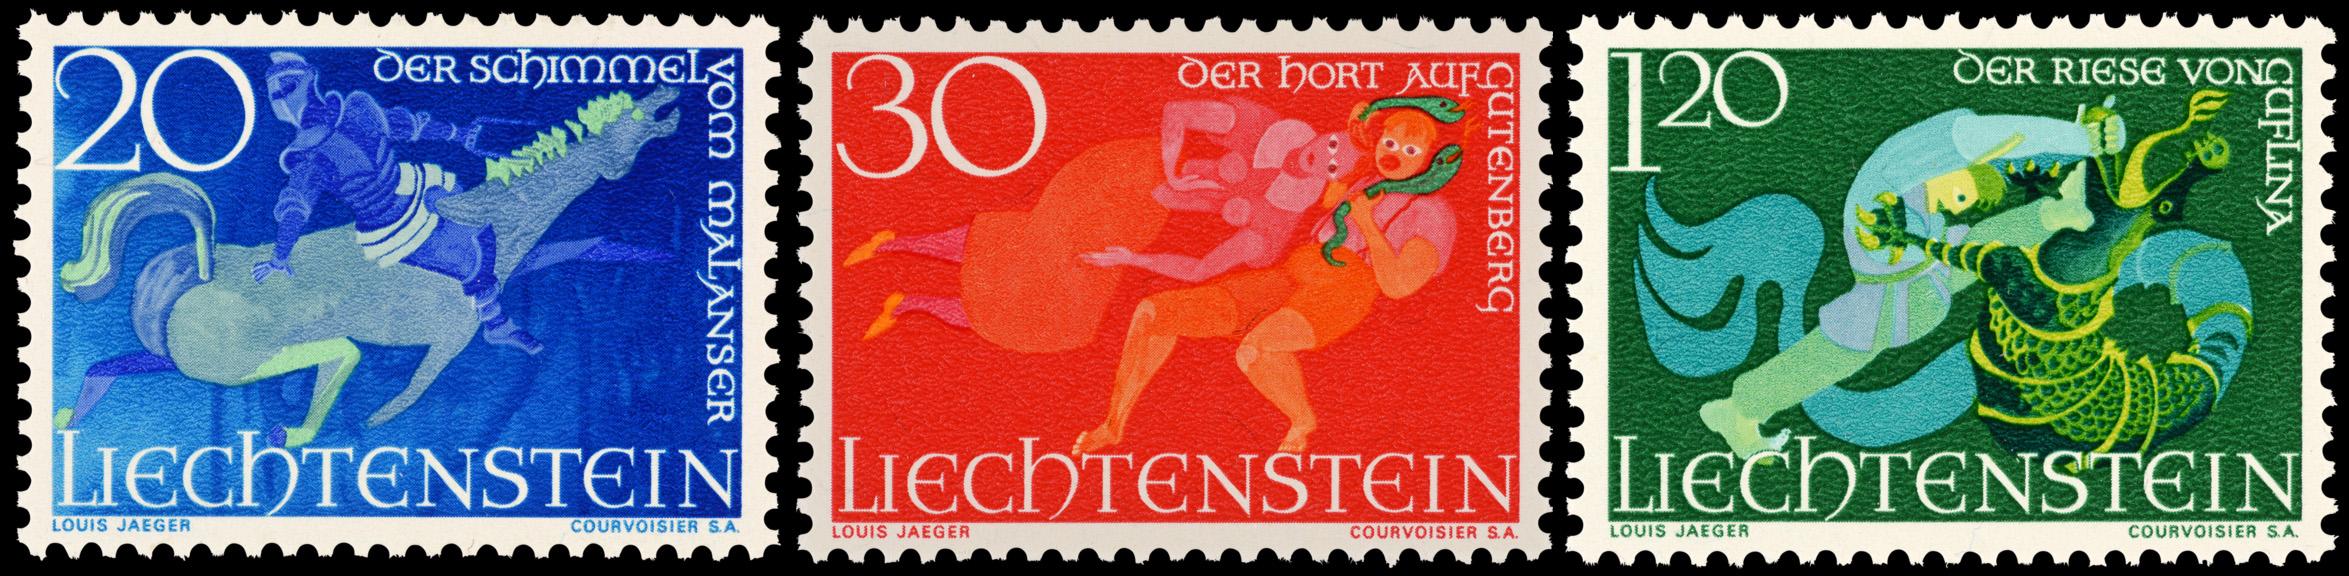 Sagen Liechtensteins